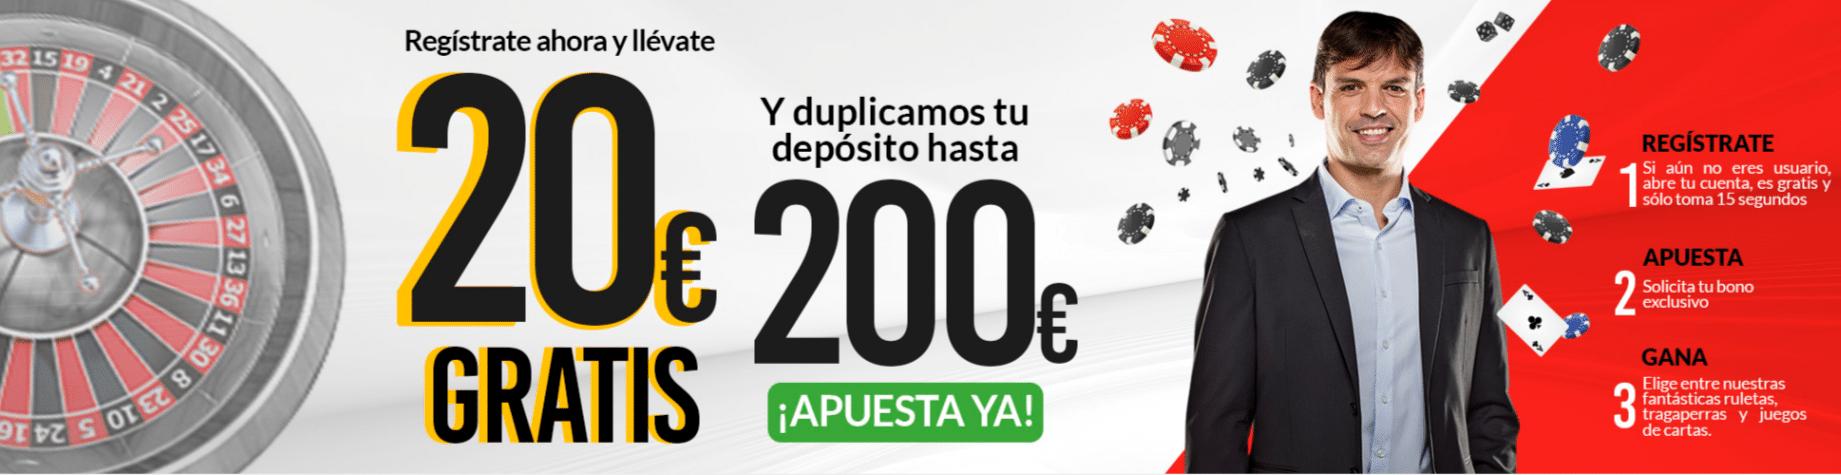 Bingo ortiz juego mARCA apuestas casino bonos-635228